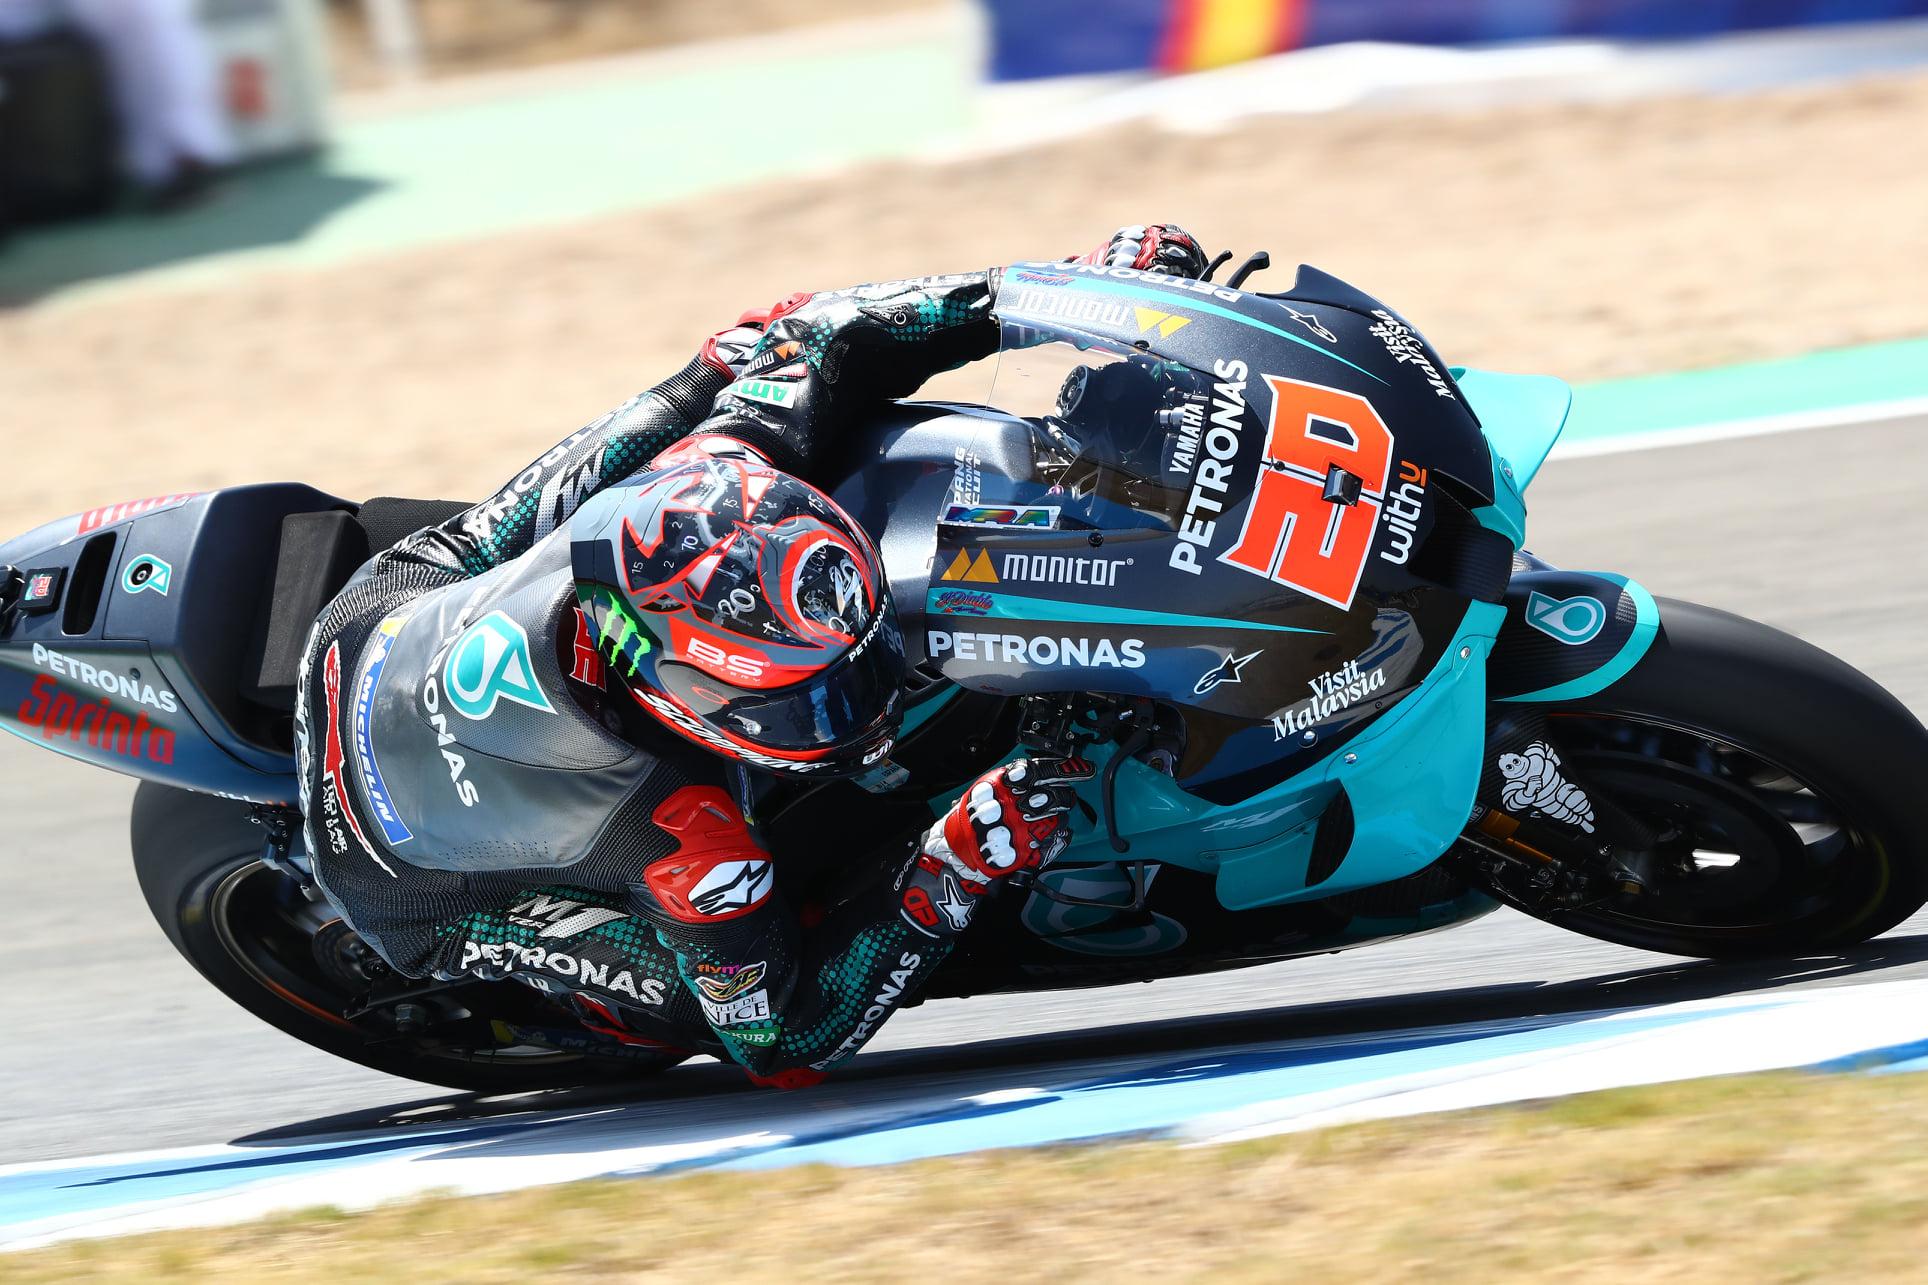 MotoGP. Andalūzijos GP iš pirmos pozicijos pradės F. Quartararo